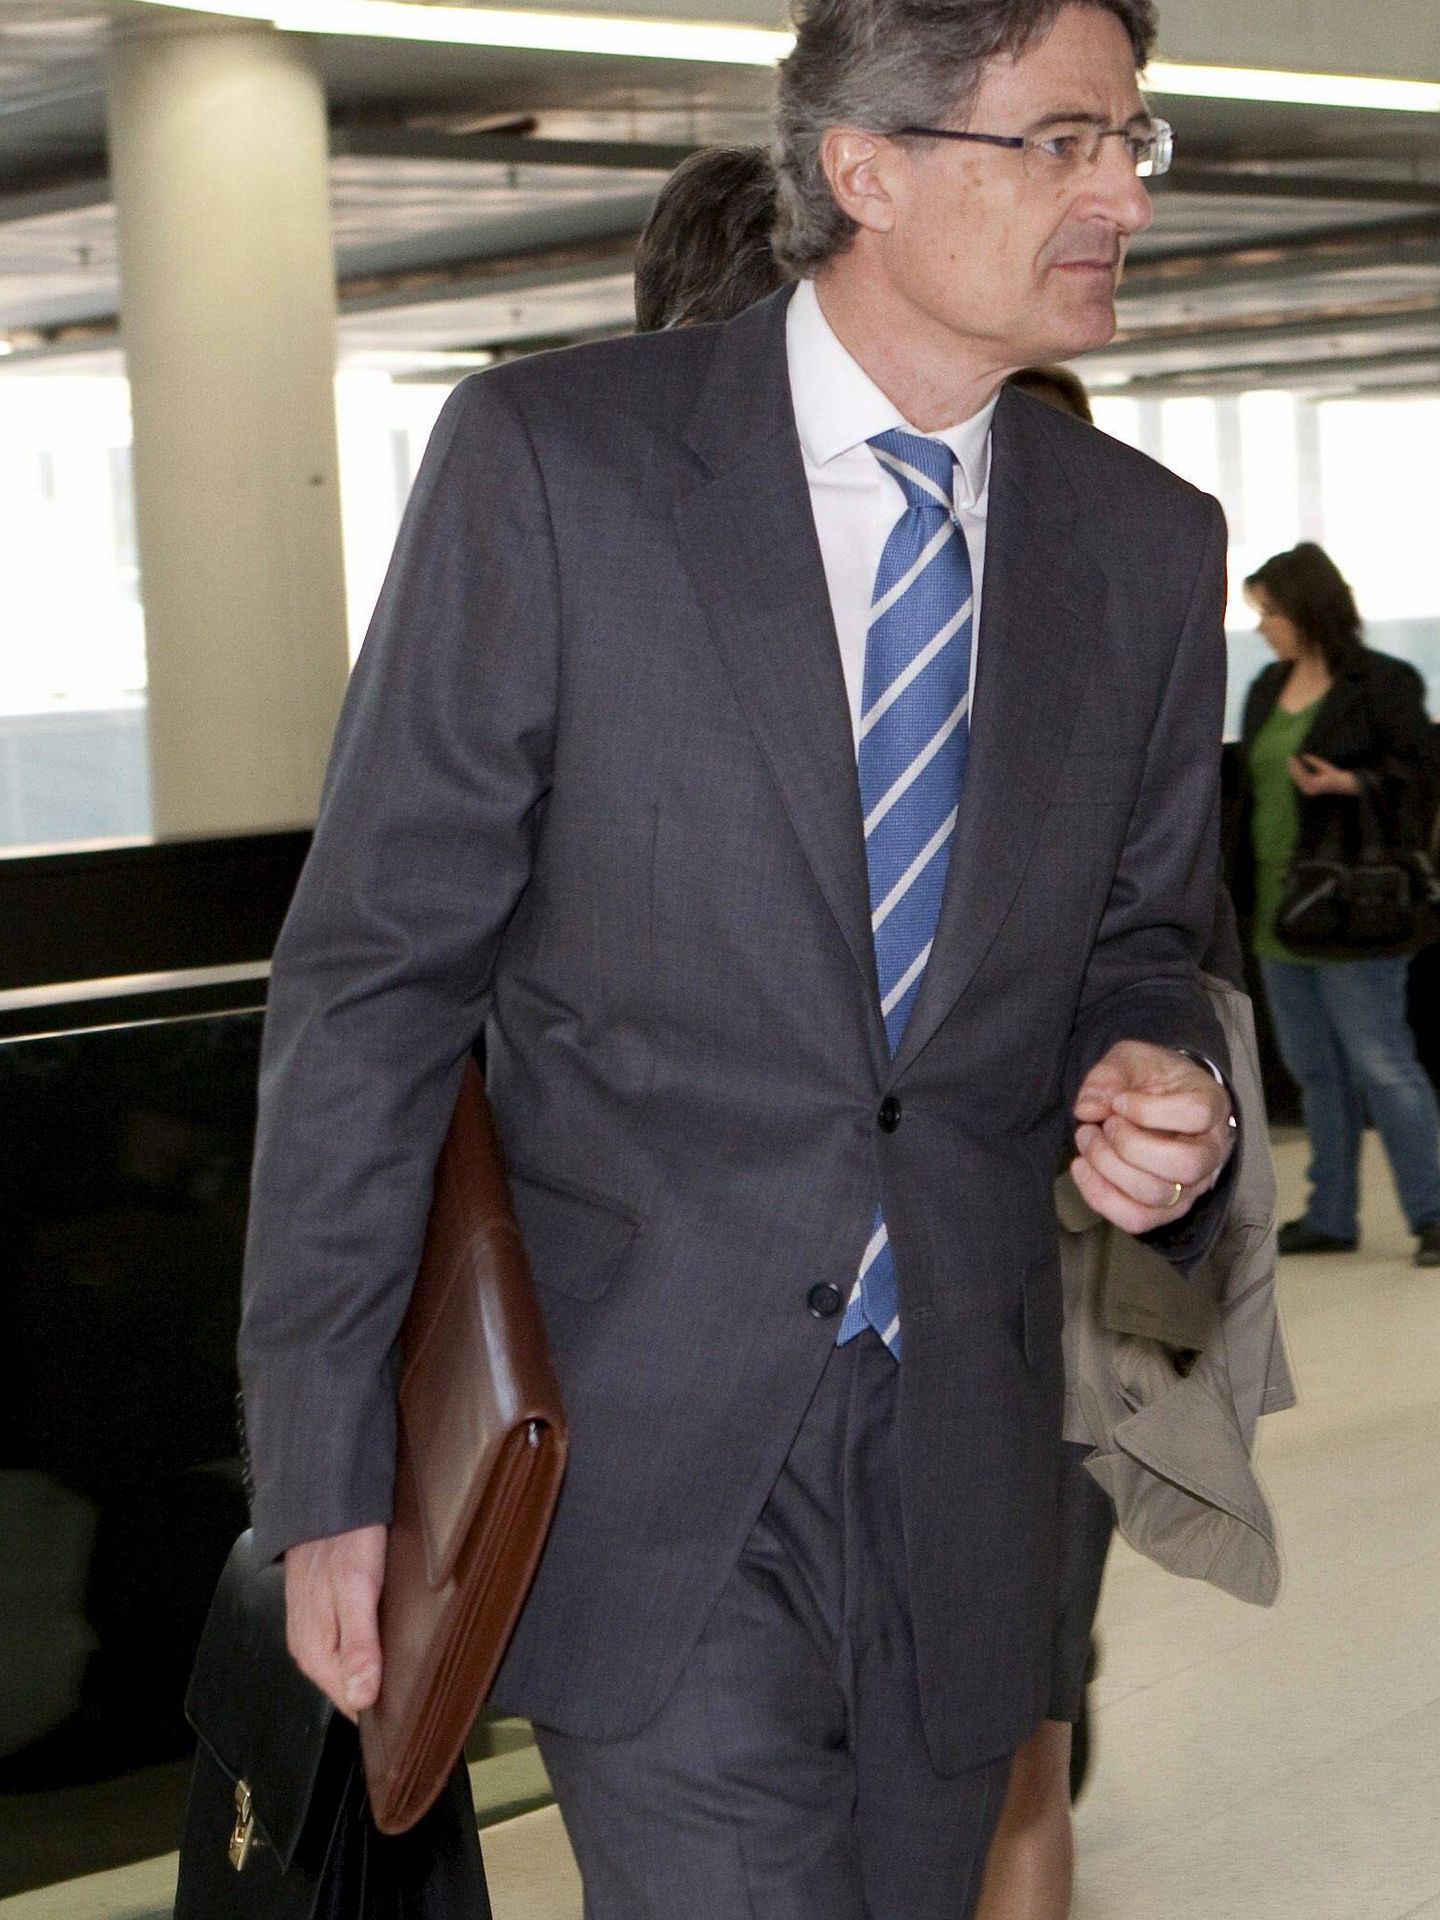 El exdirectivo de Ferrovial Pedro Buenaventura, a su llegada los juzgados donde declaró como imputado sobre el supuesto pago de comisiones de la constructora a CDC a través del Palau | Foto: EFE